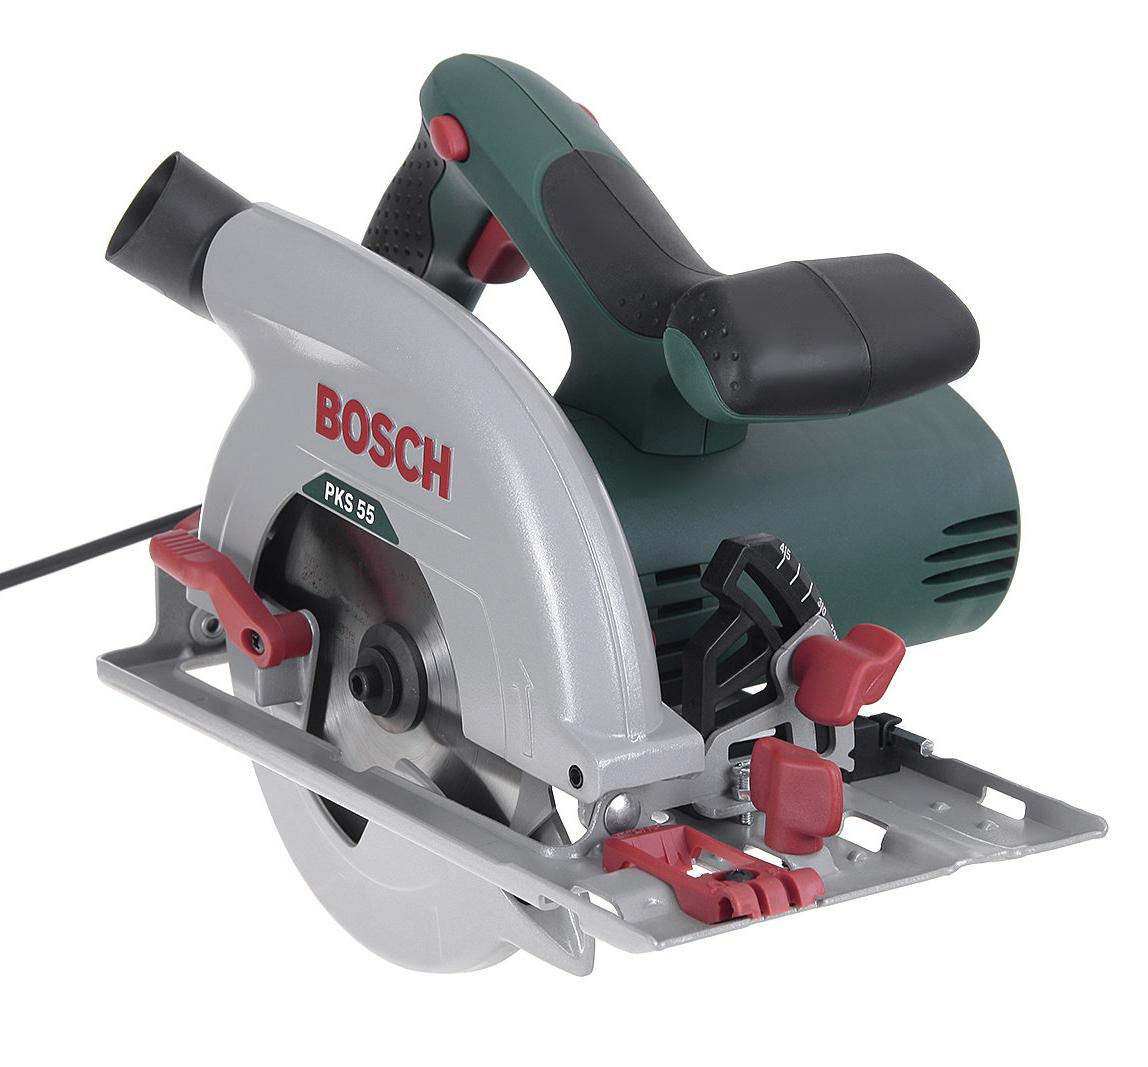 Циркулярная (дисковая) пила Bosch Pks 55 (0.603.500.020) аккумуляторная дисковая пила bosch pks 18 li 2 5ah x1 06033b1302